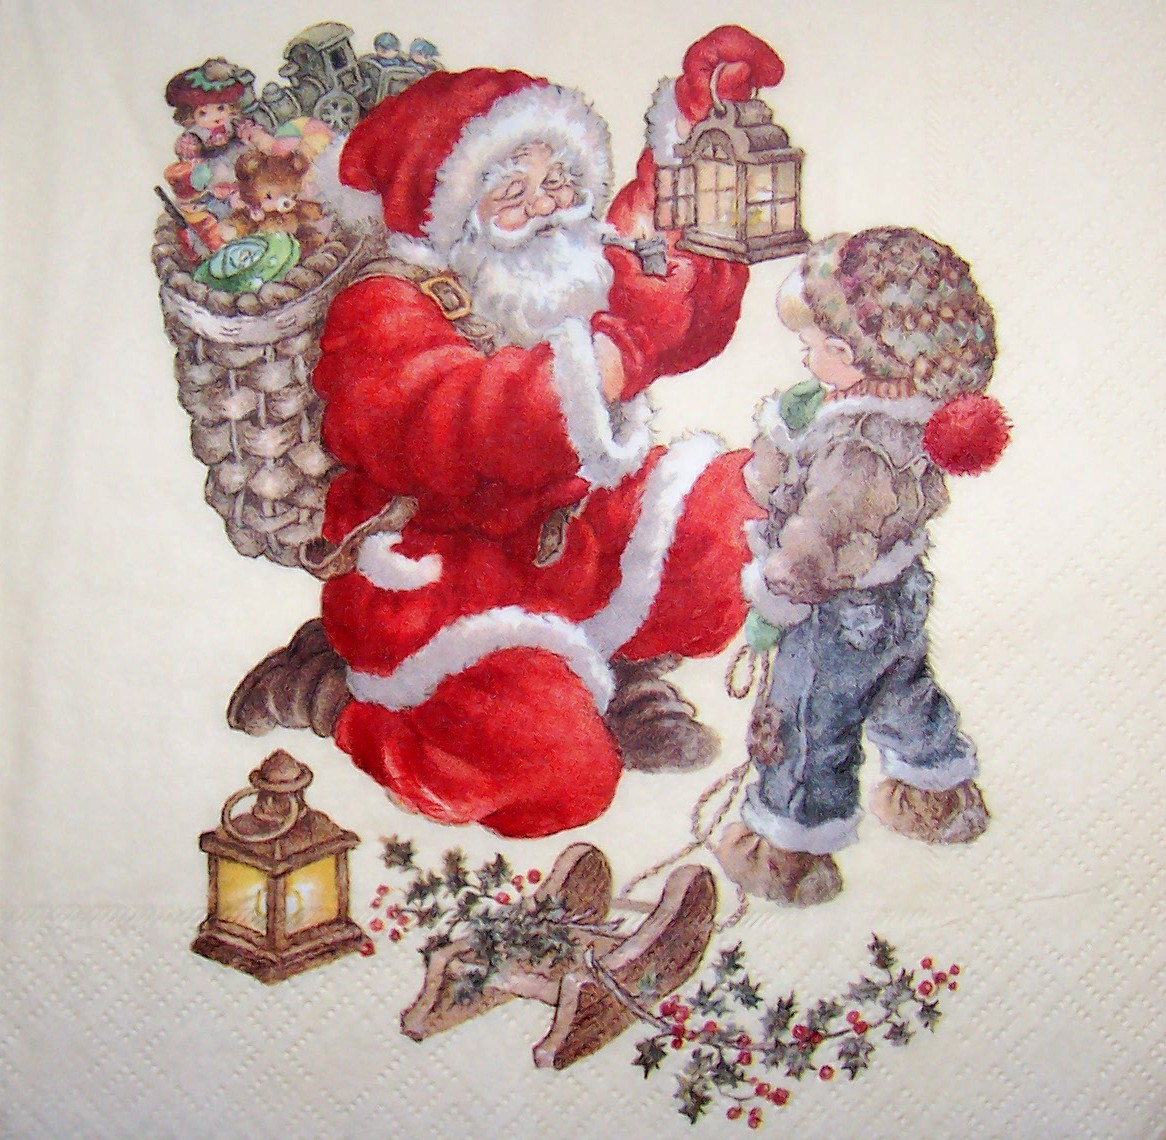 Bilder Weihnachten Nostalgisch.5227 Weihnachten Nostalgie Serviette